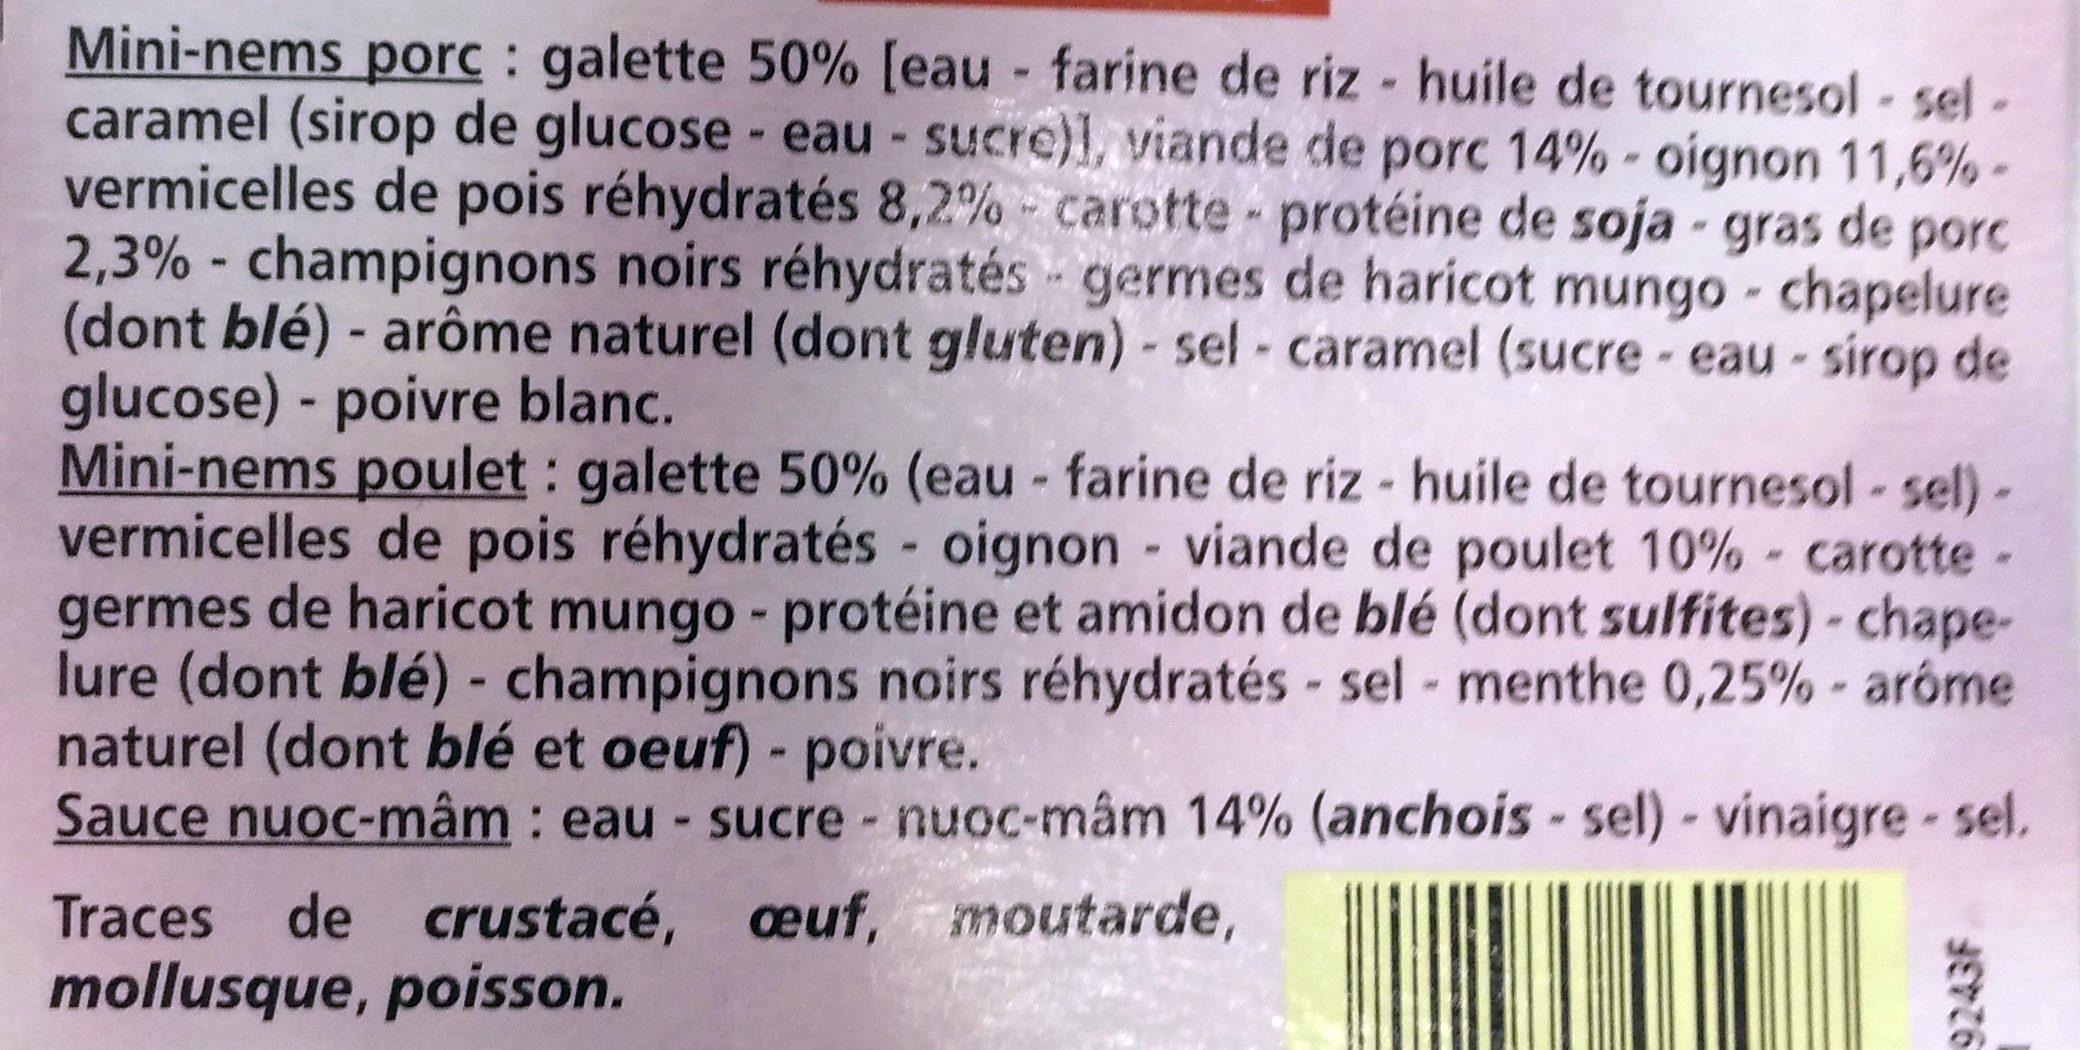 Plateau de mini nems 7 minis nems au porc 7 mini nems au poulet Sauce nuoc-mam - Ingrédients